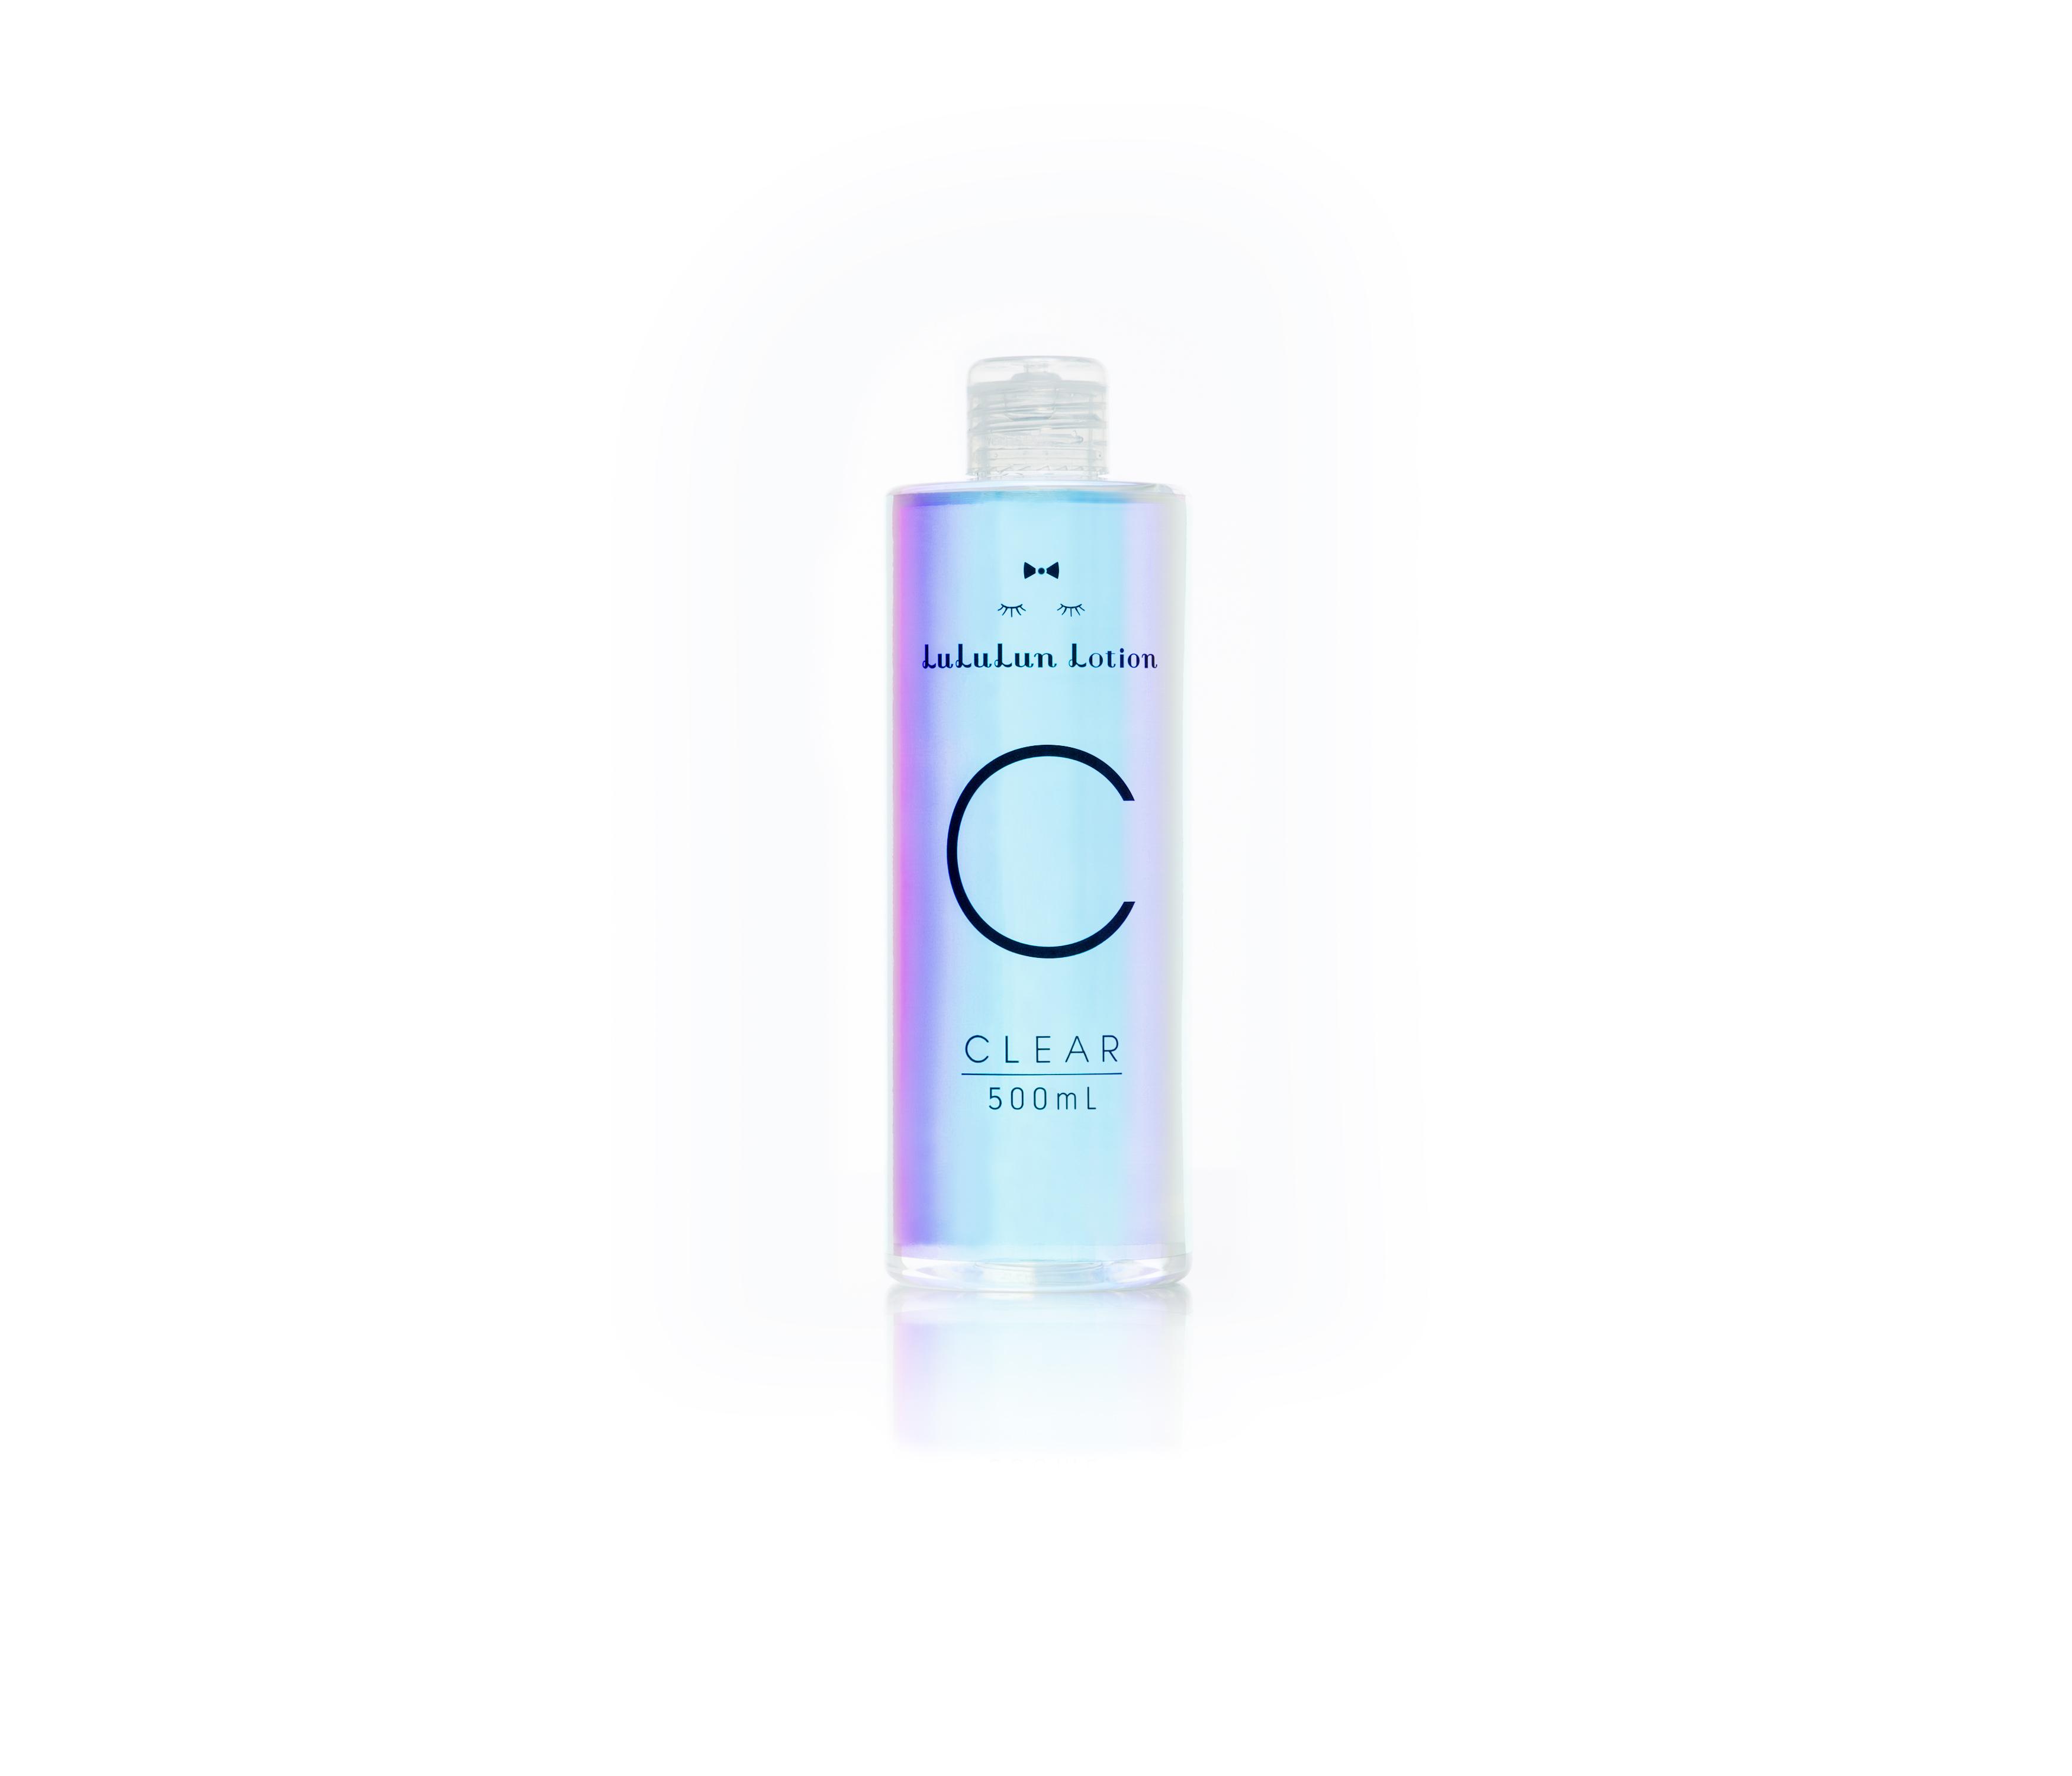 フェイスマスクブランド『ルルルン』から登場する初めての化粧水は、プチプラ&大容量ボトル【新作コスメニュース】_1